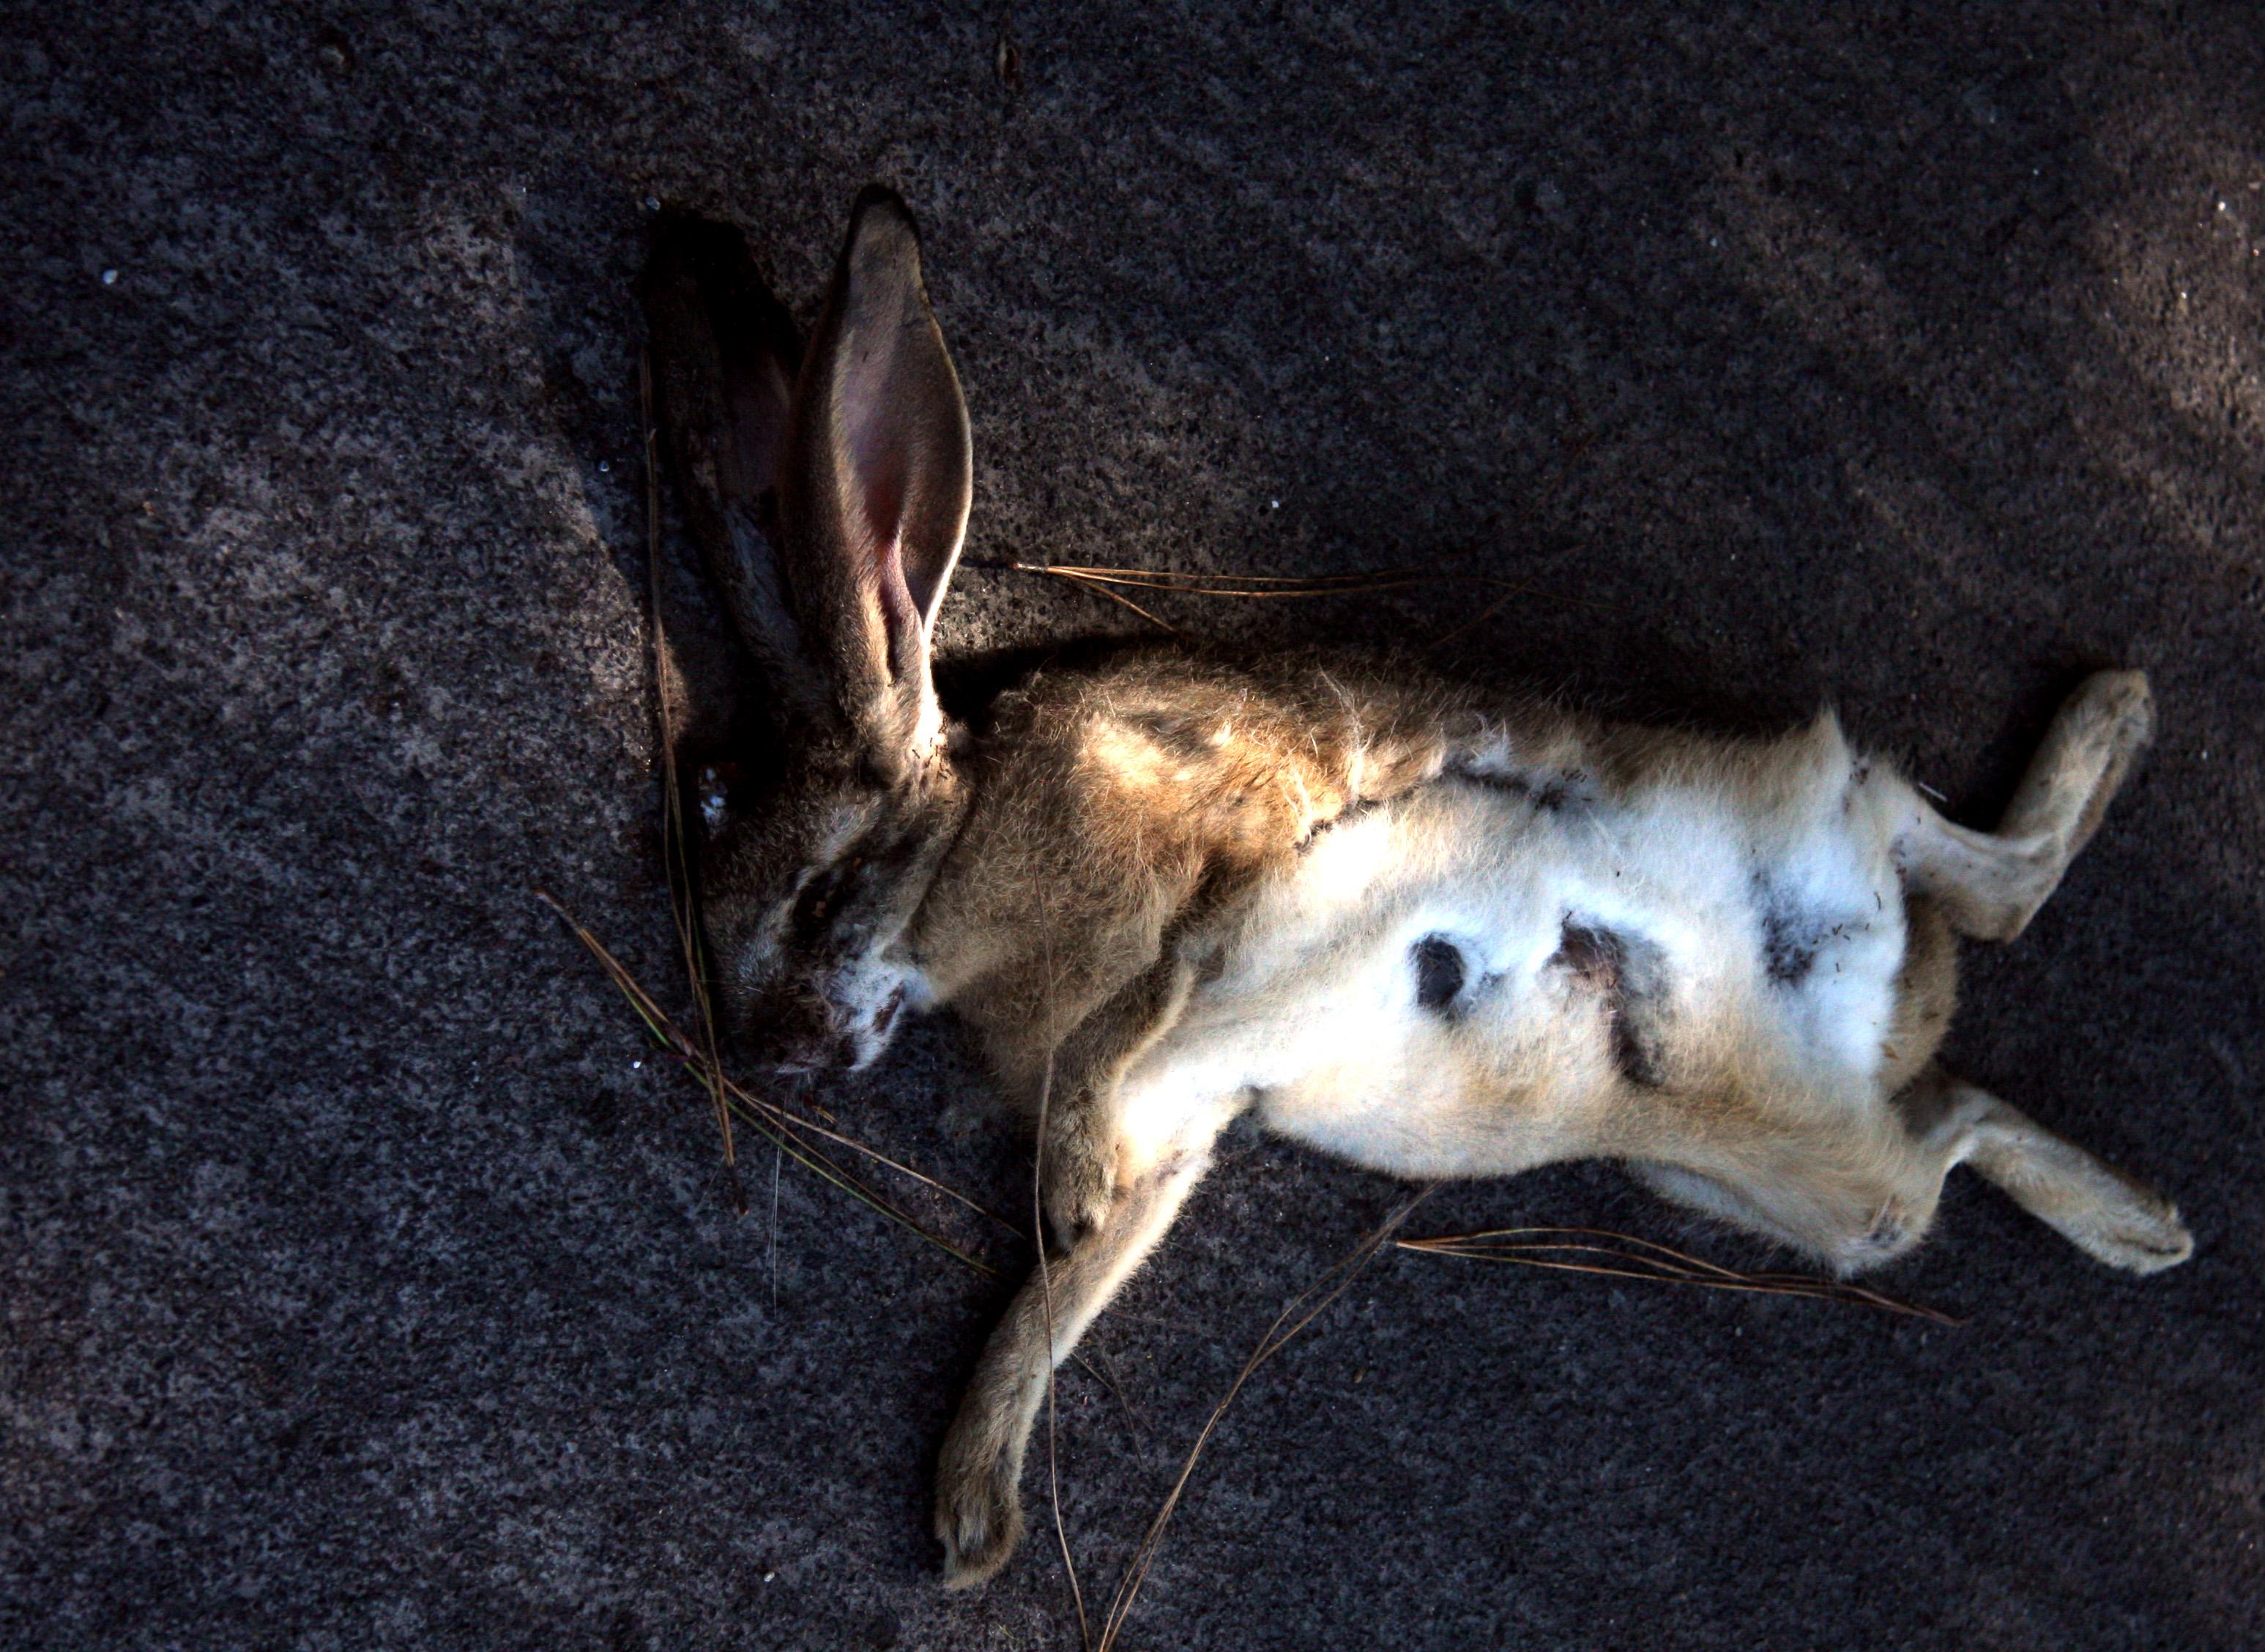 Dead Roadkill Rabbit